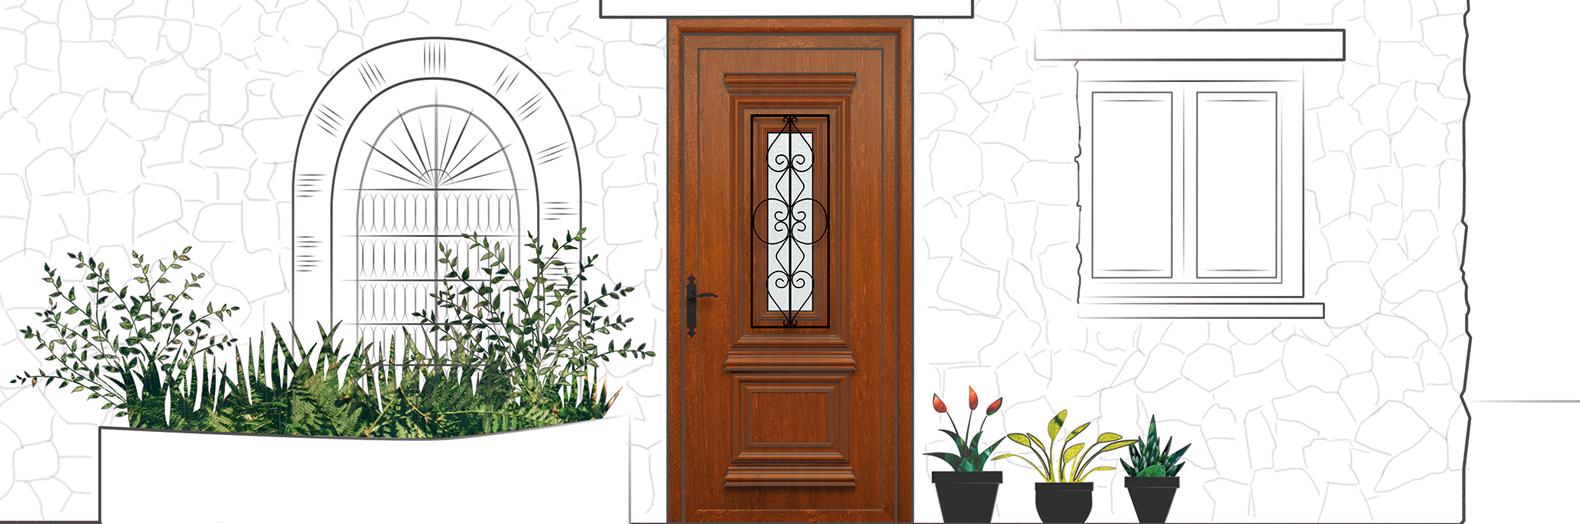 Indupanel puertas y paneles aluminio y pvc for Cristales para puertas de madera precios